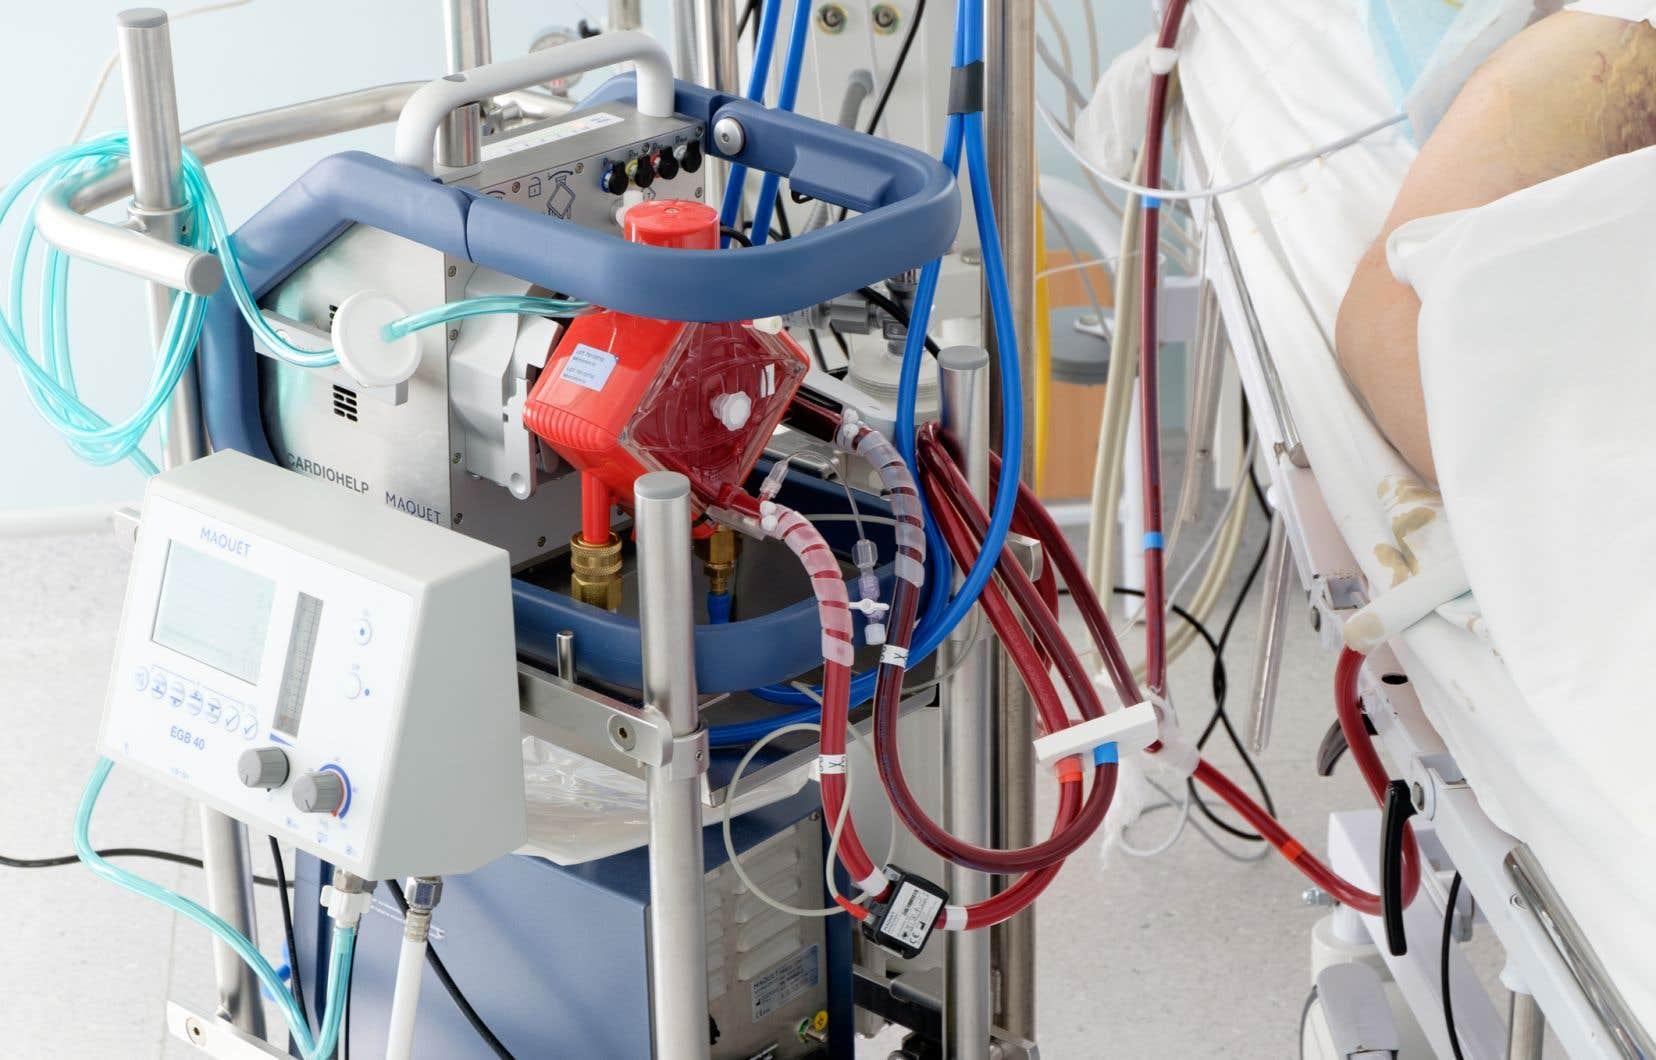 En temps normal, l'oxygénateur extracorporel à membrane est surtout utilisé lors de chirurgies cardiaques ou de greffes de cœur ou de poumon, indique le DrSimon.